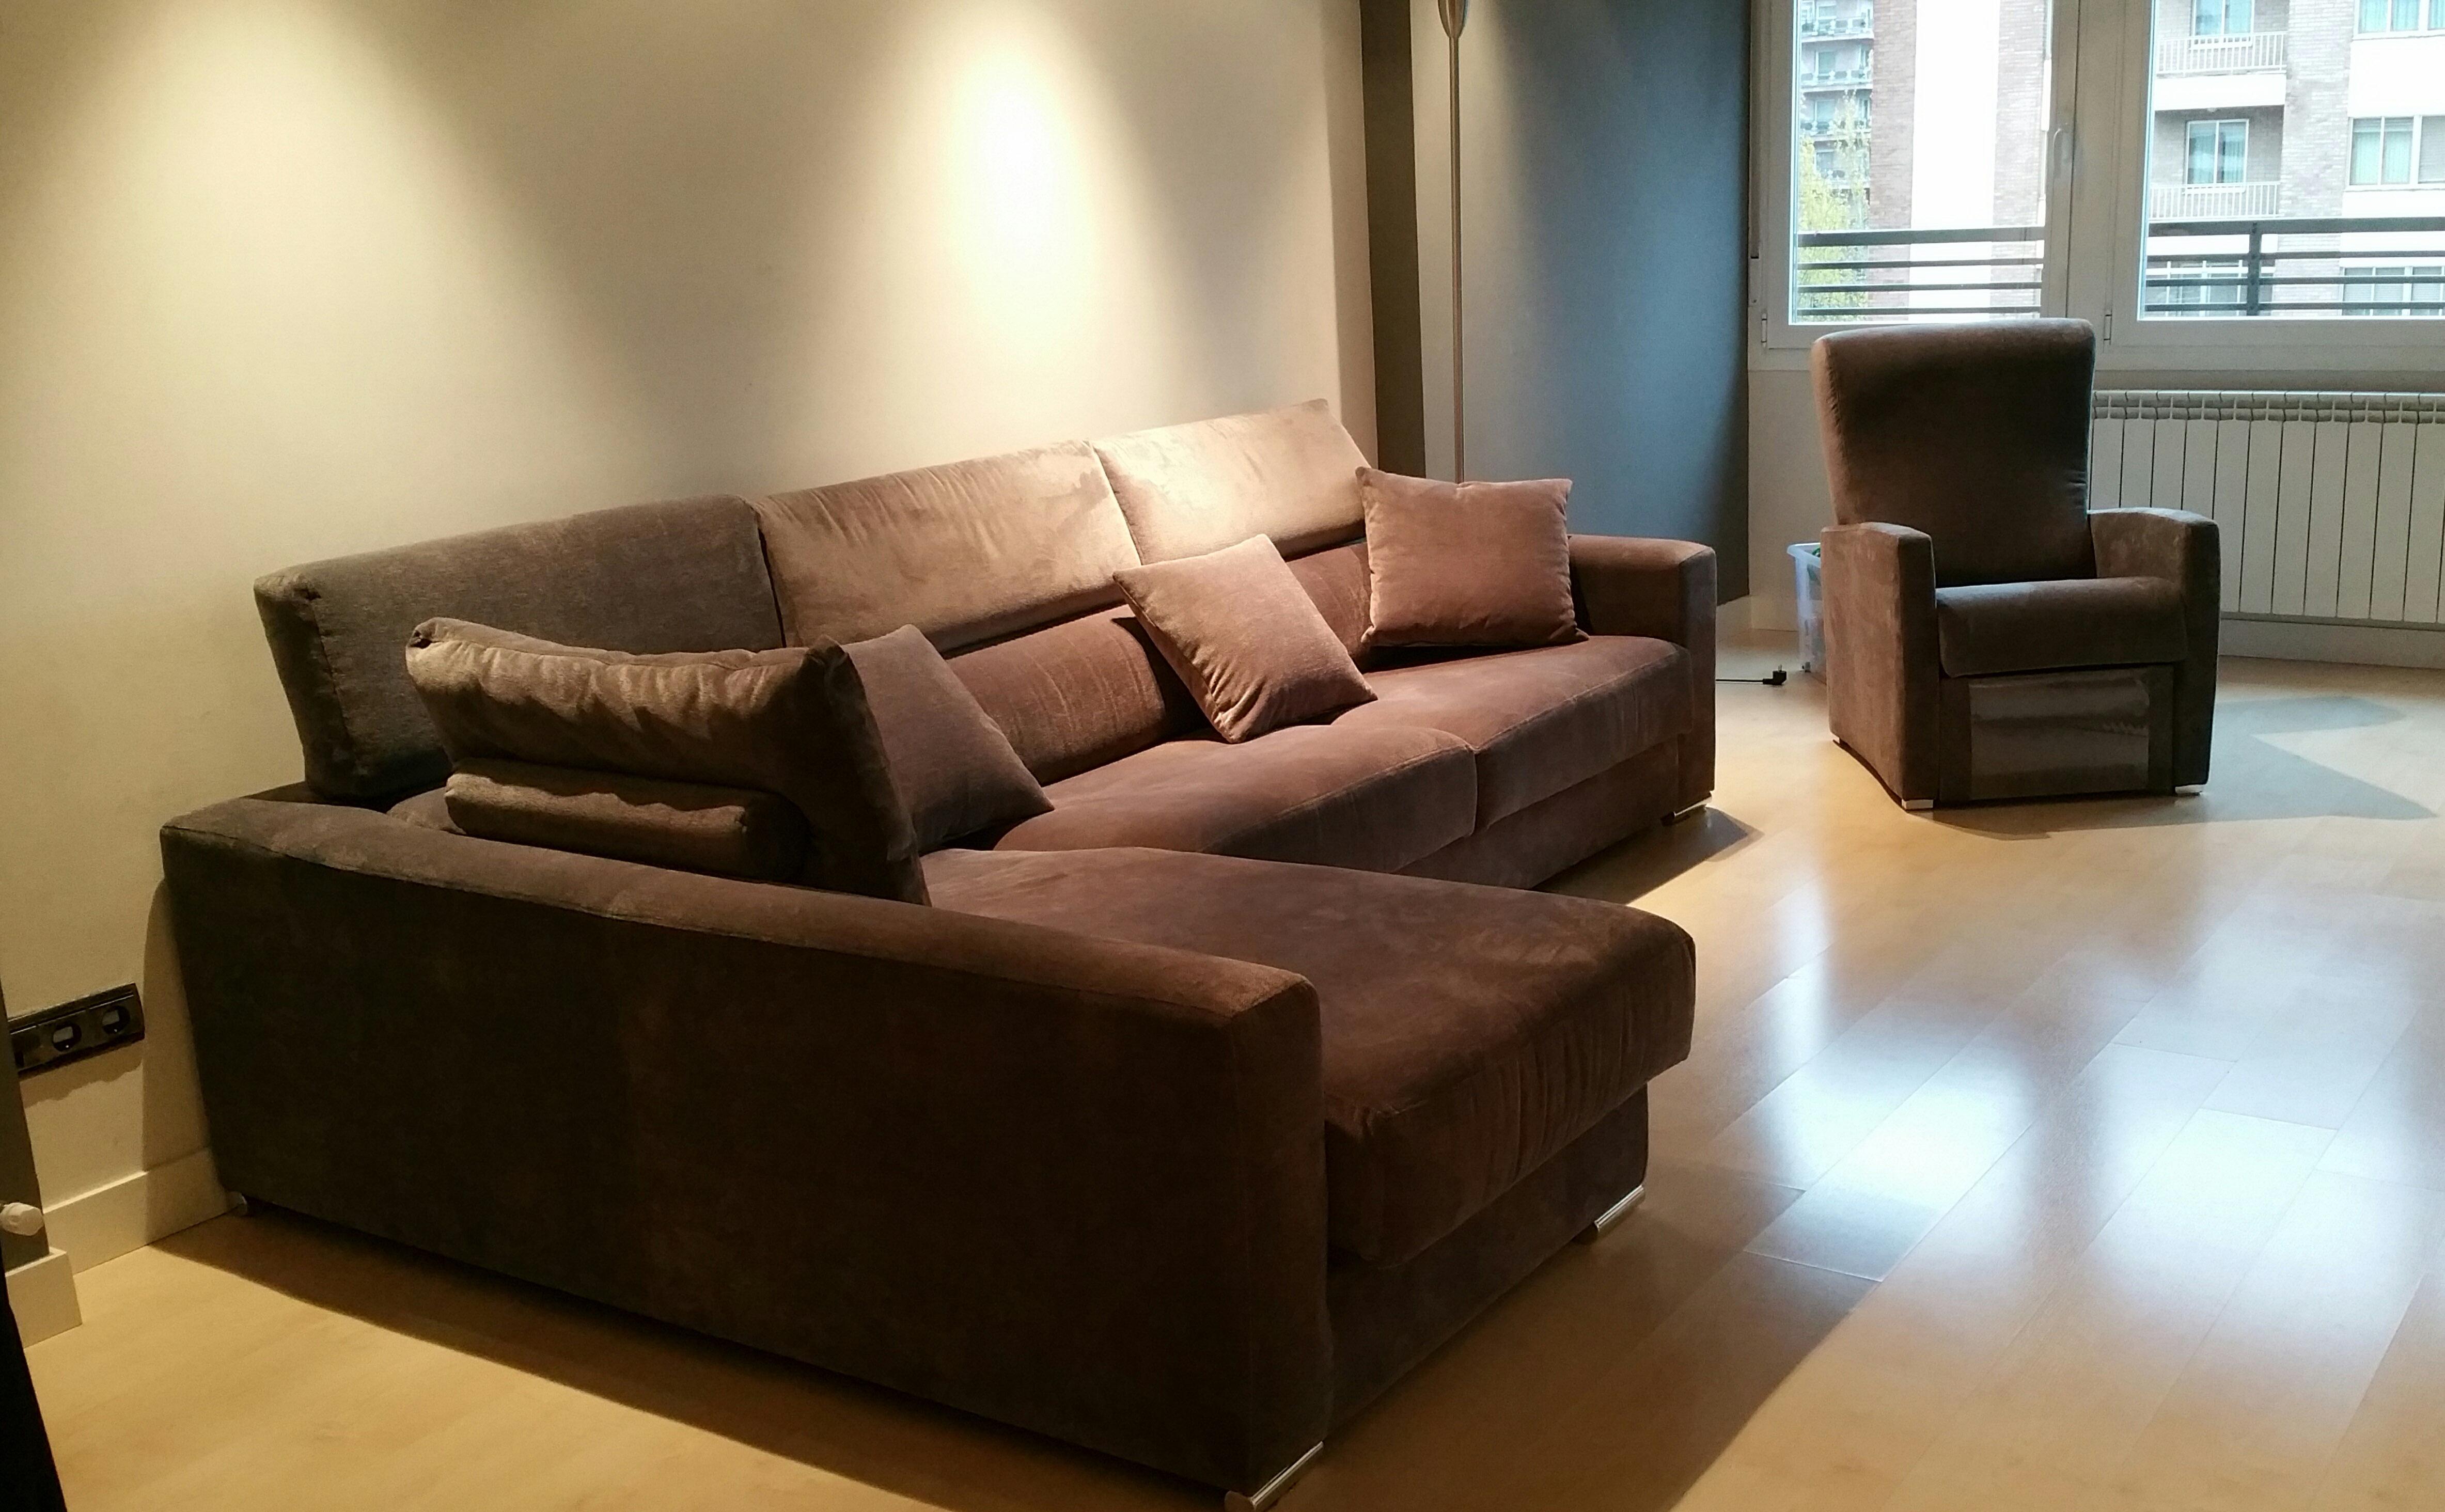 Tapiceria gayarre sofas pamplona navarra 19 tapiceria - Tapiceria para sofas ...